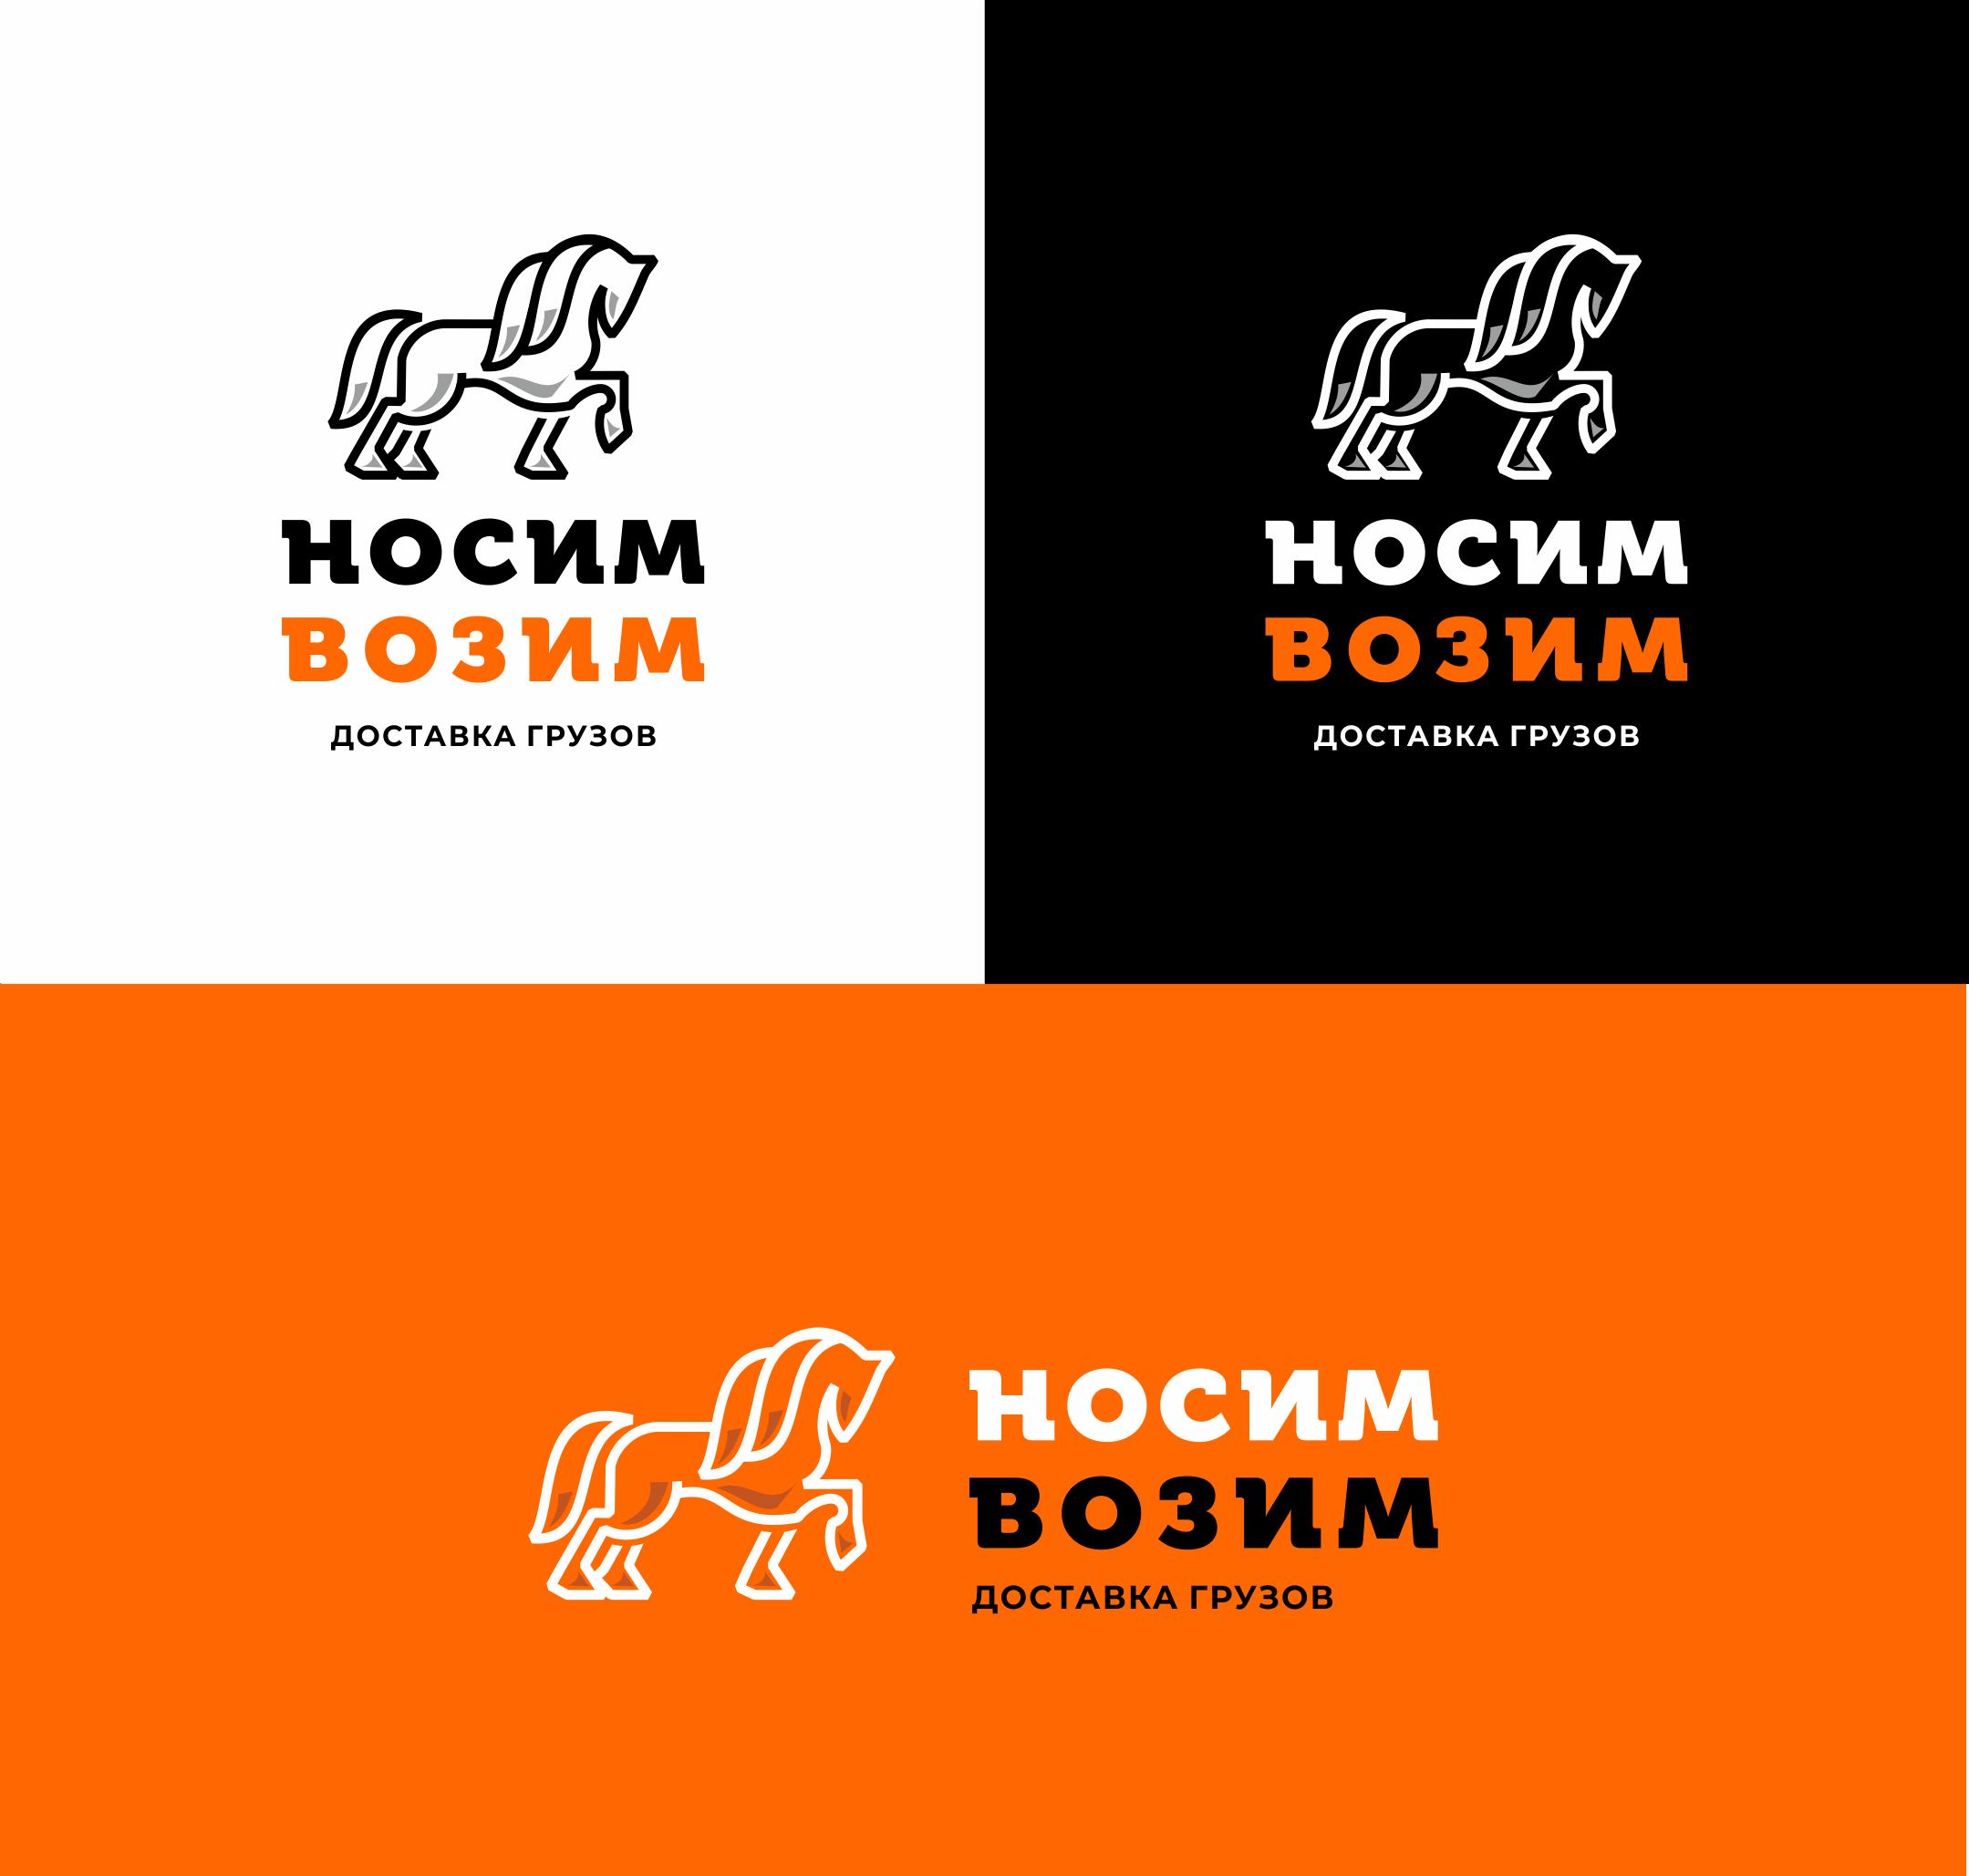 Логотип компании по перевозкам НосимВозим фото f_9065cfa53ae9141f.png